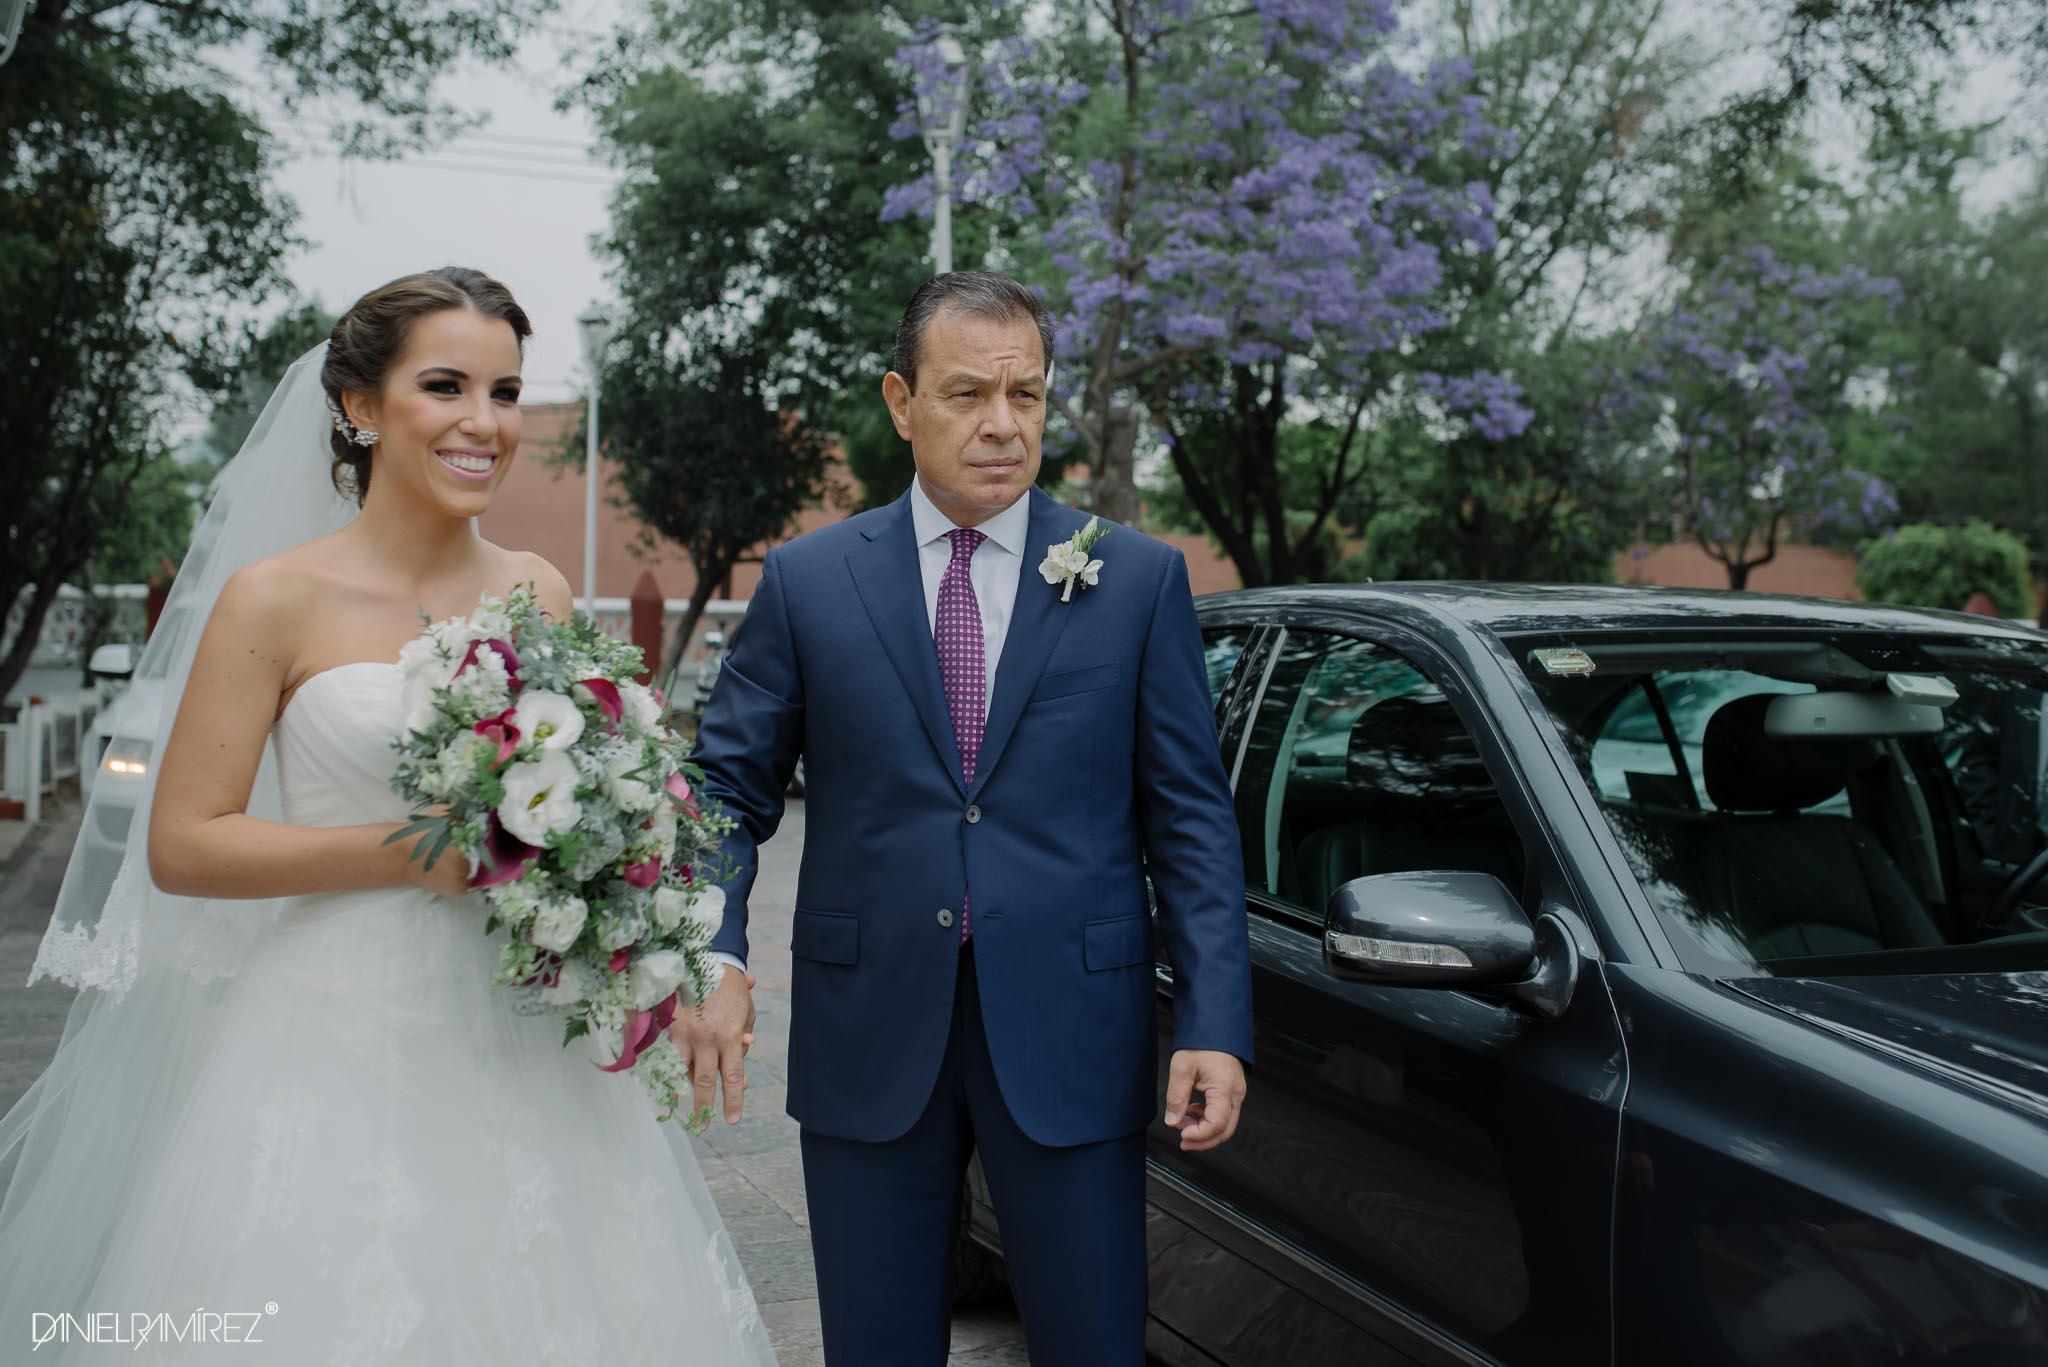 bodas-cdmx-fotografos-29